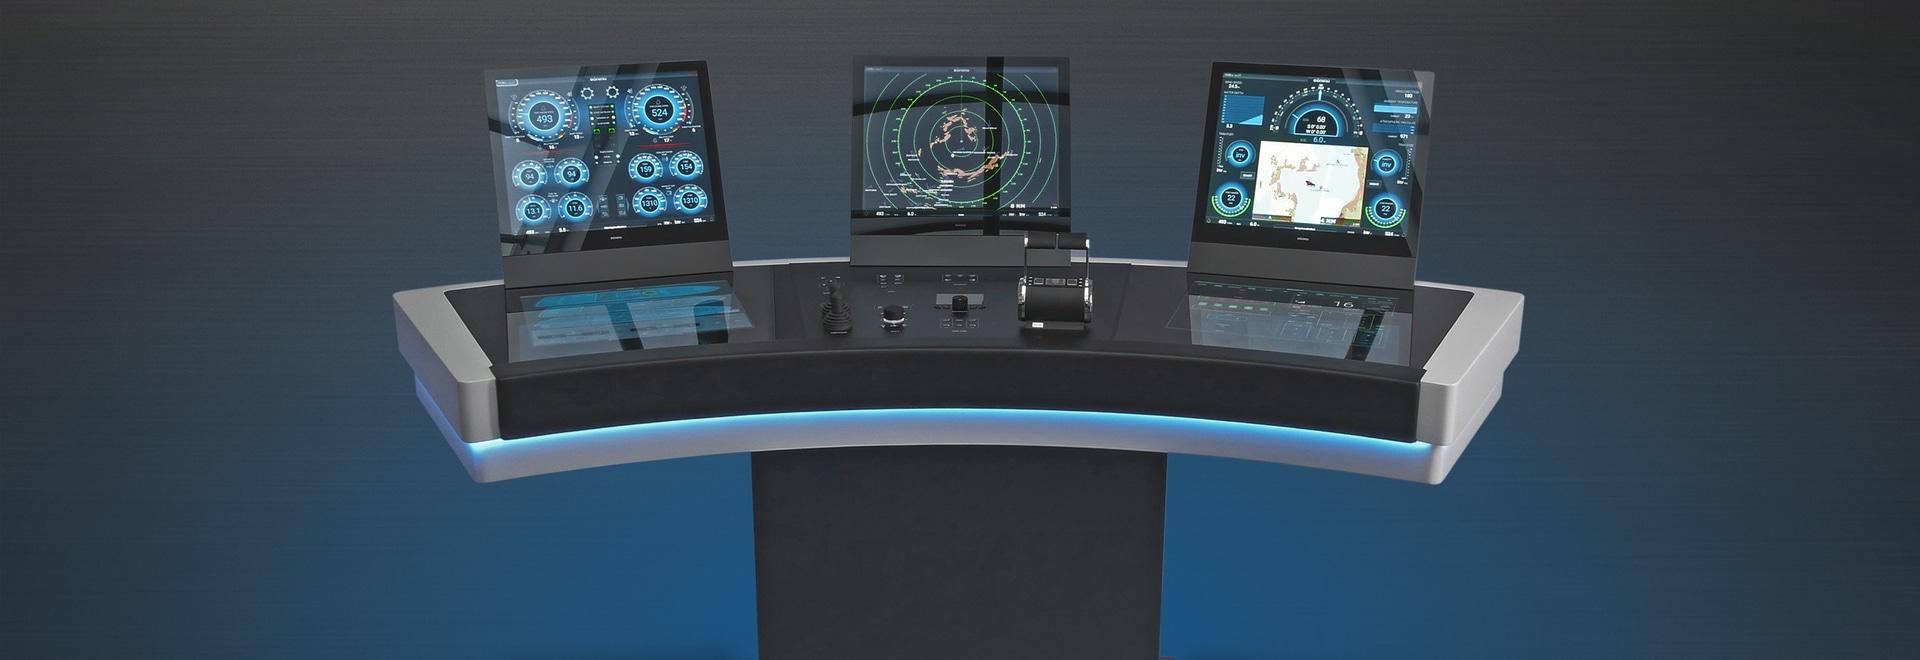 Esposizione ultra ampia SI-19 con il nuovo sistema di controllo elettrico